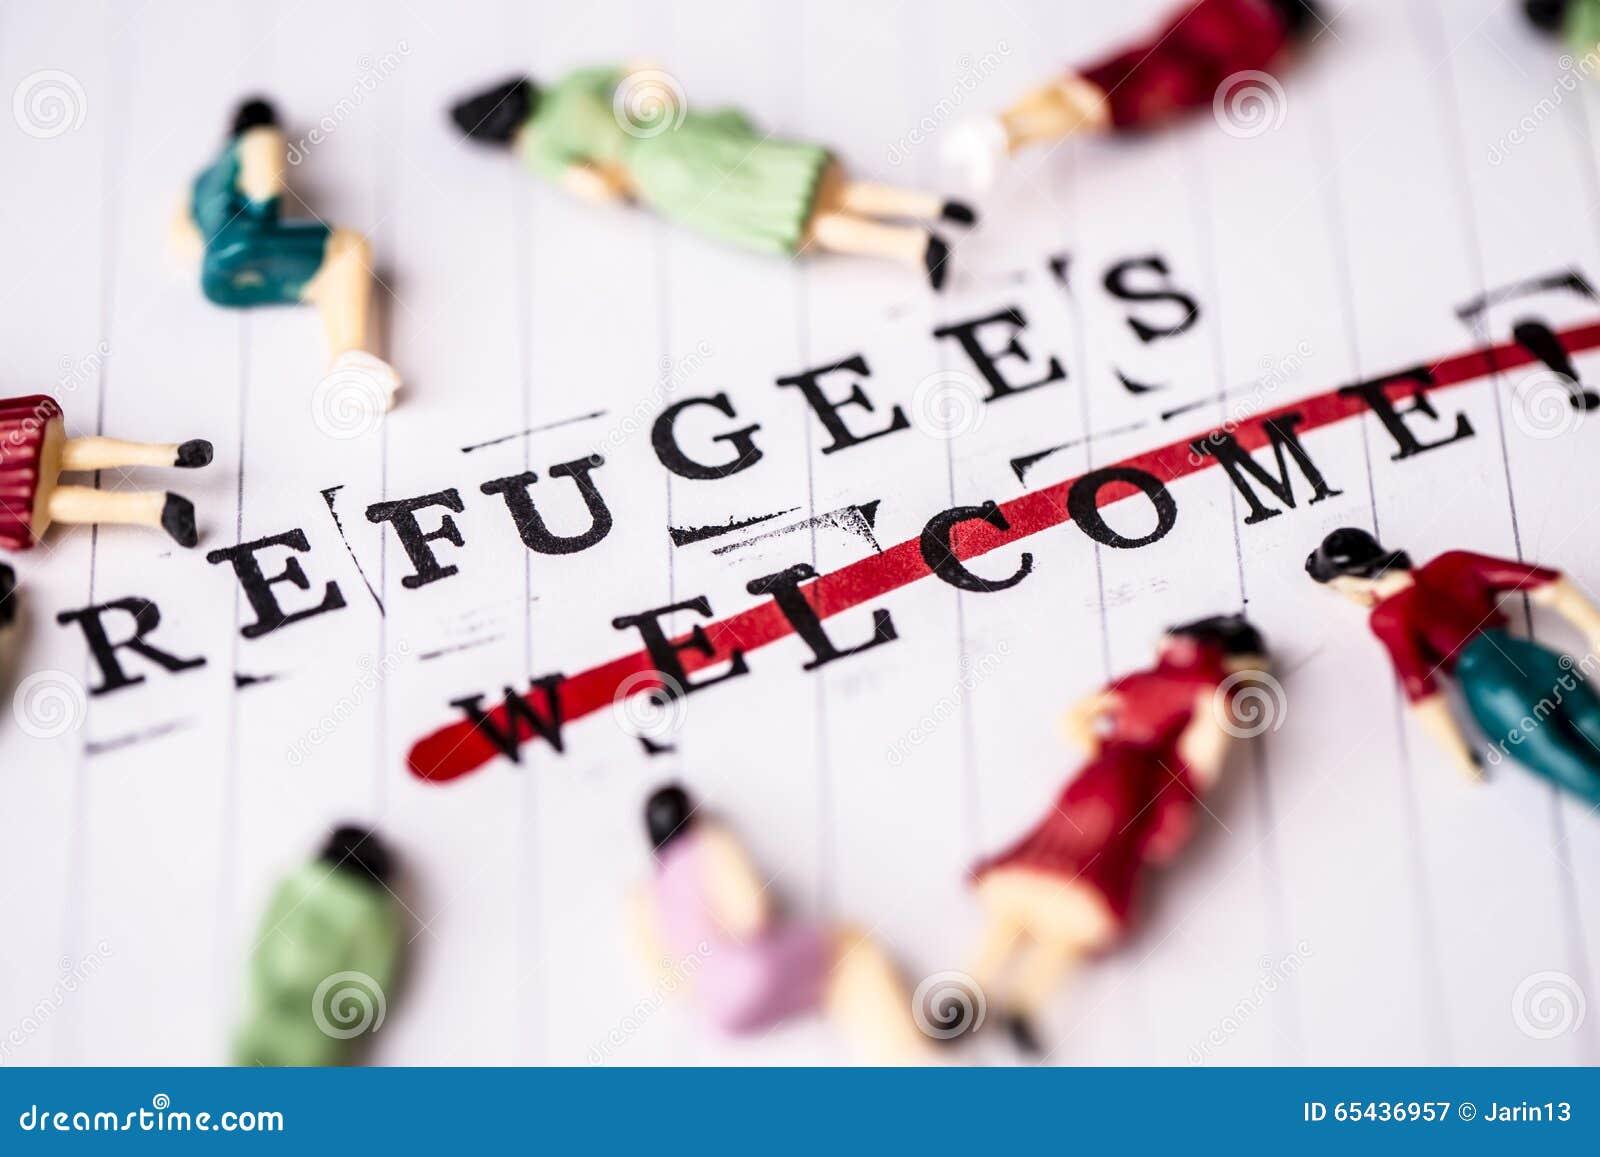 Os refugiados dão boas-vindas ao texto do strikethrough no papel